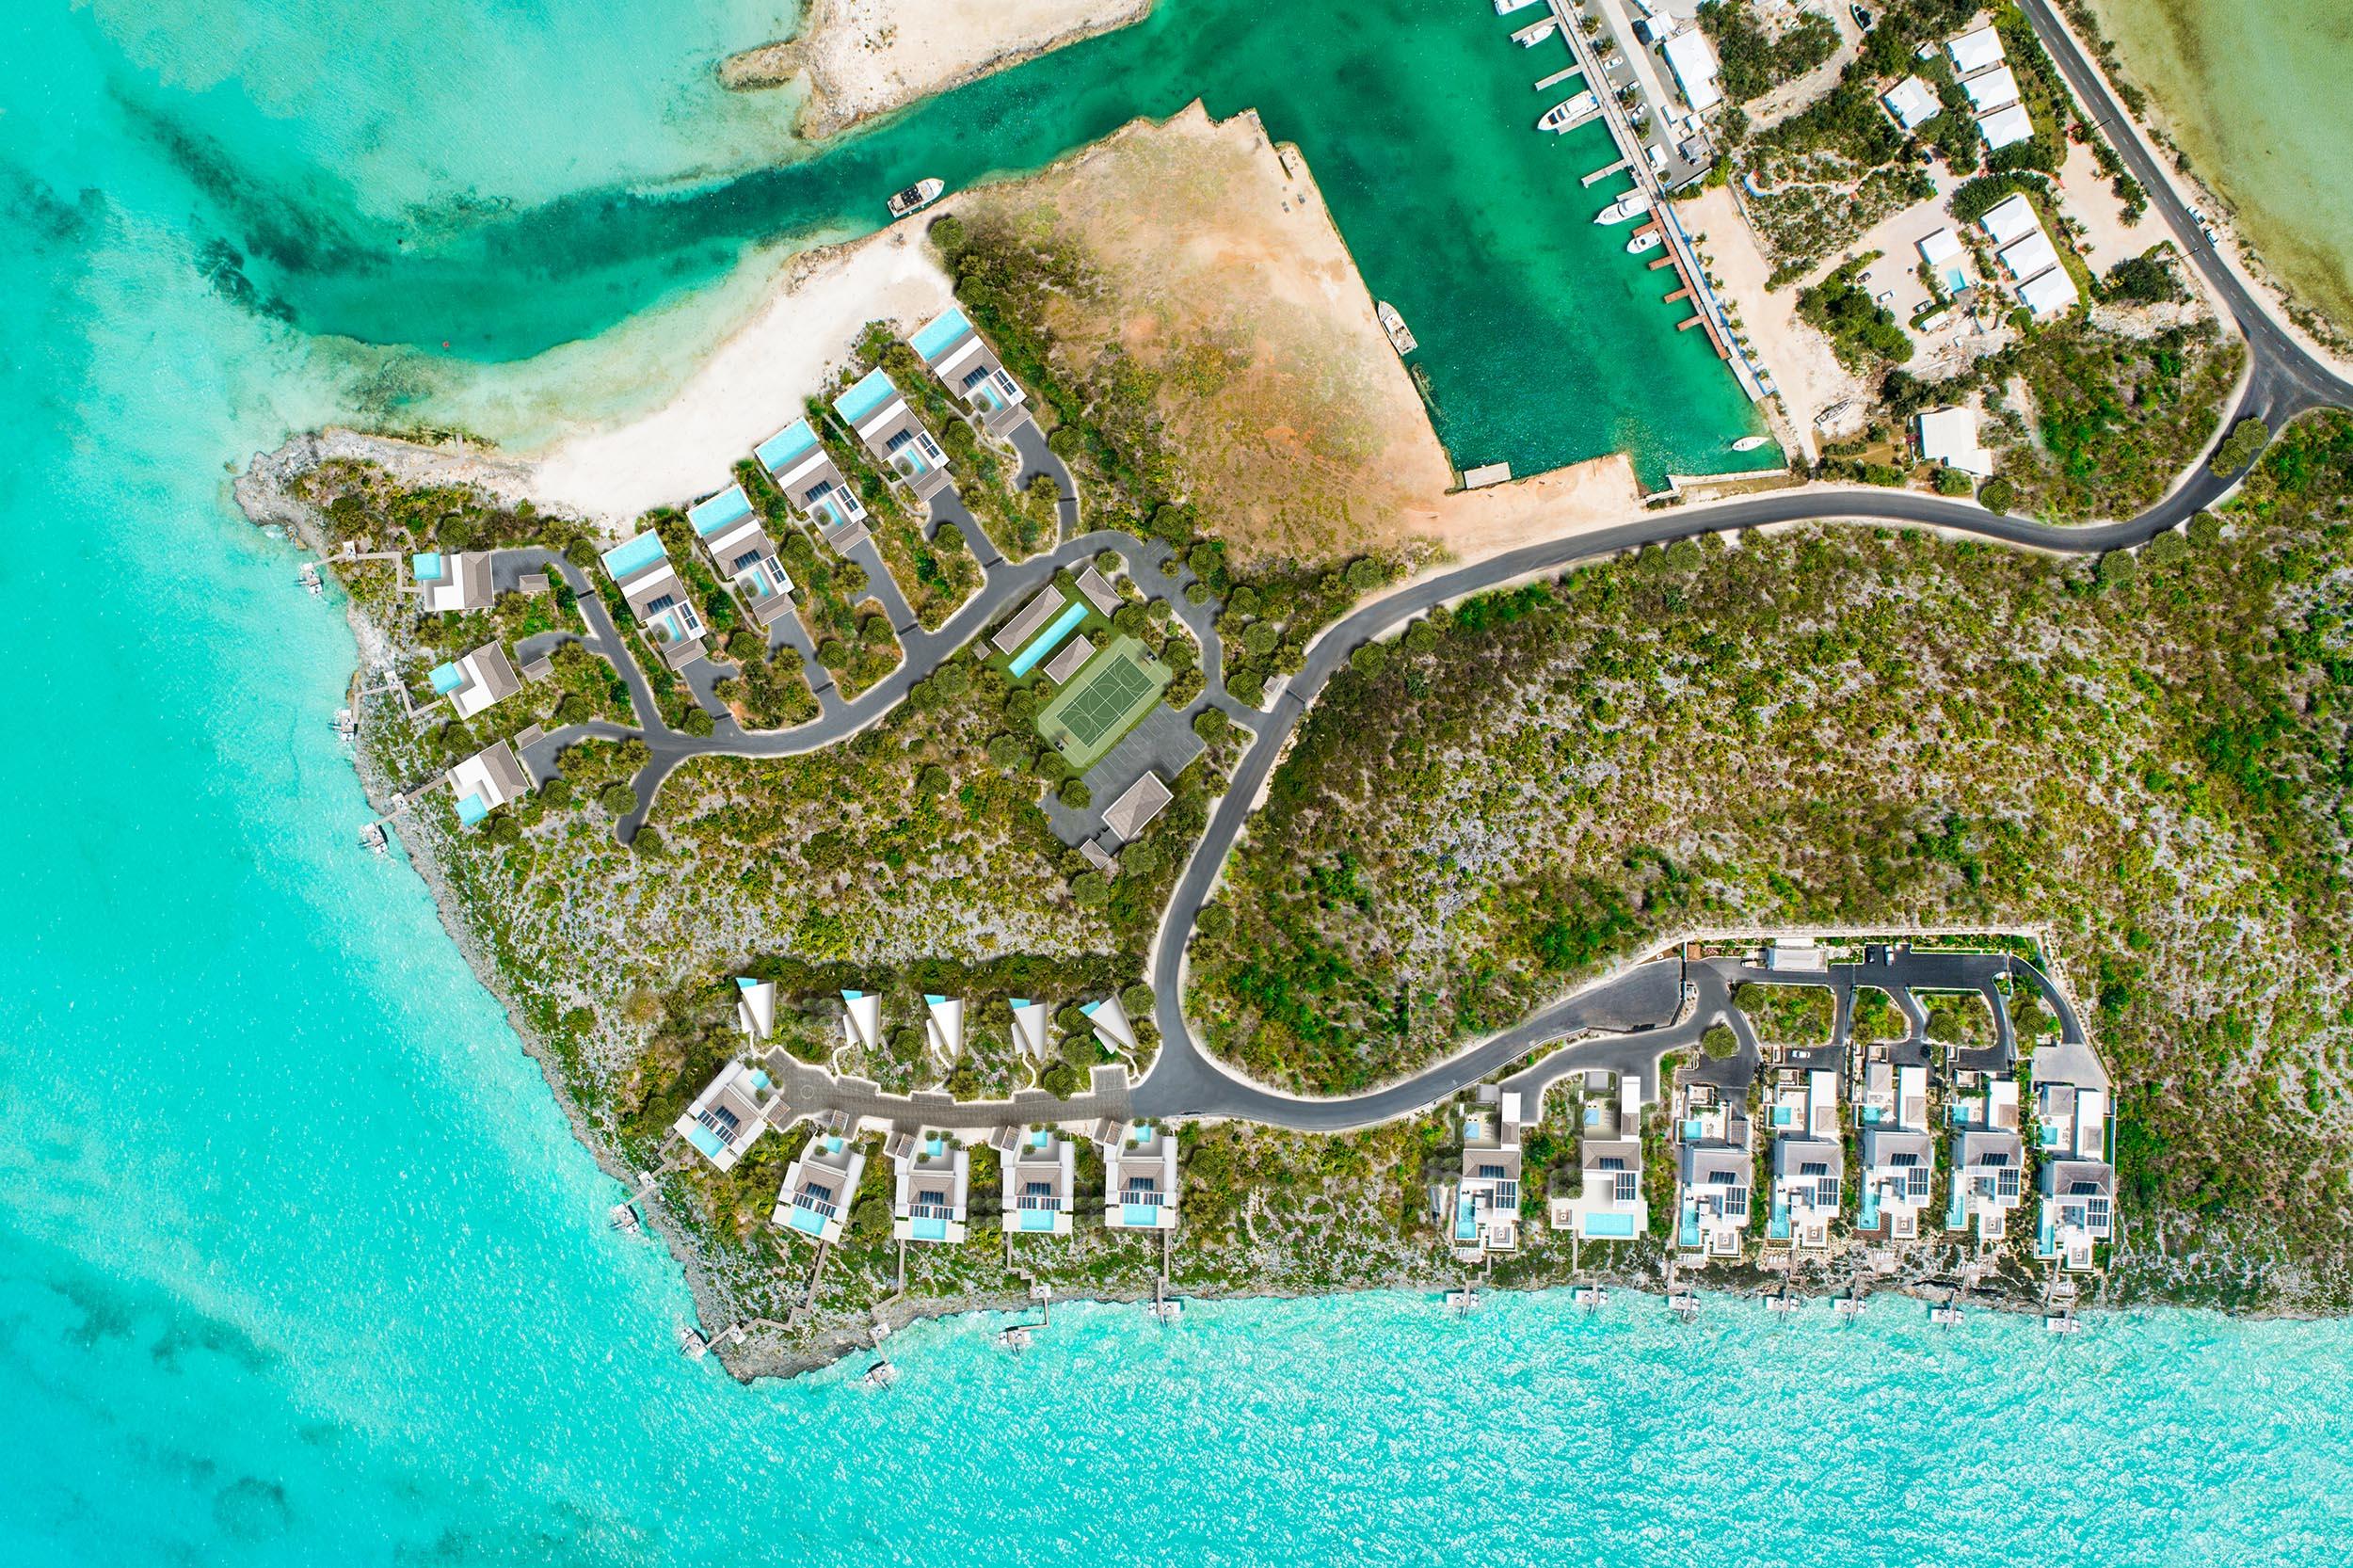 Wymara Villas - masterplan of the development